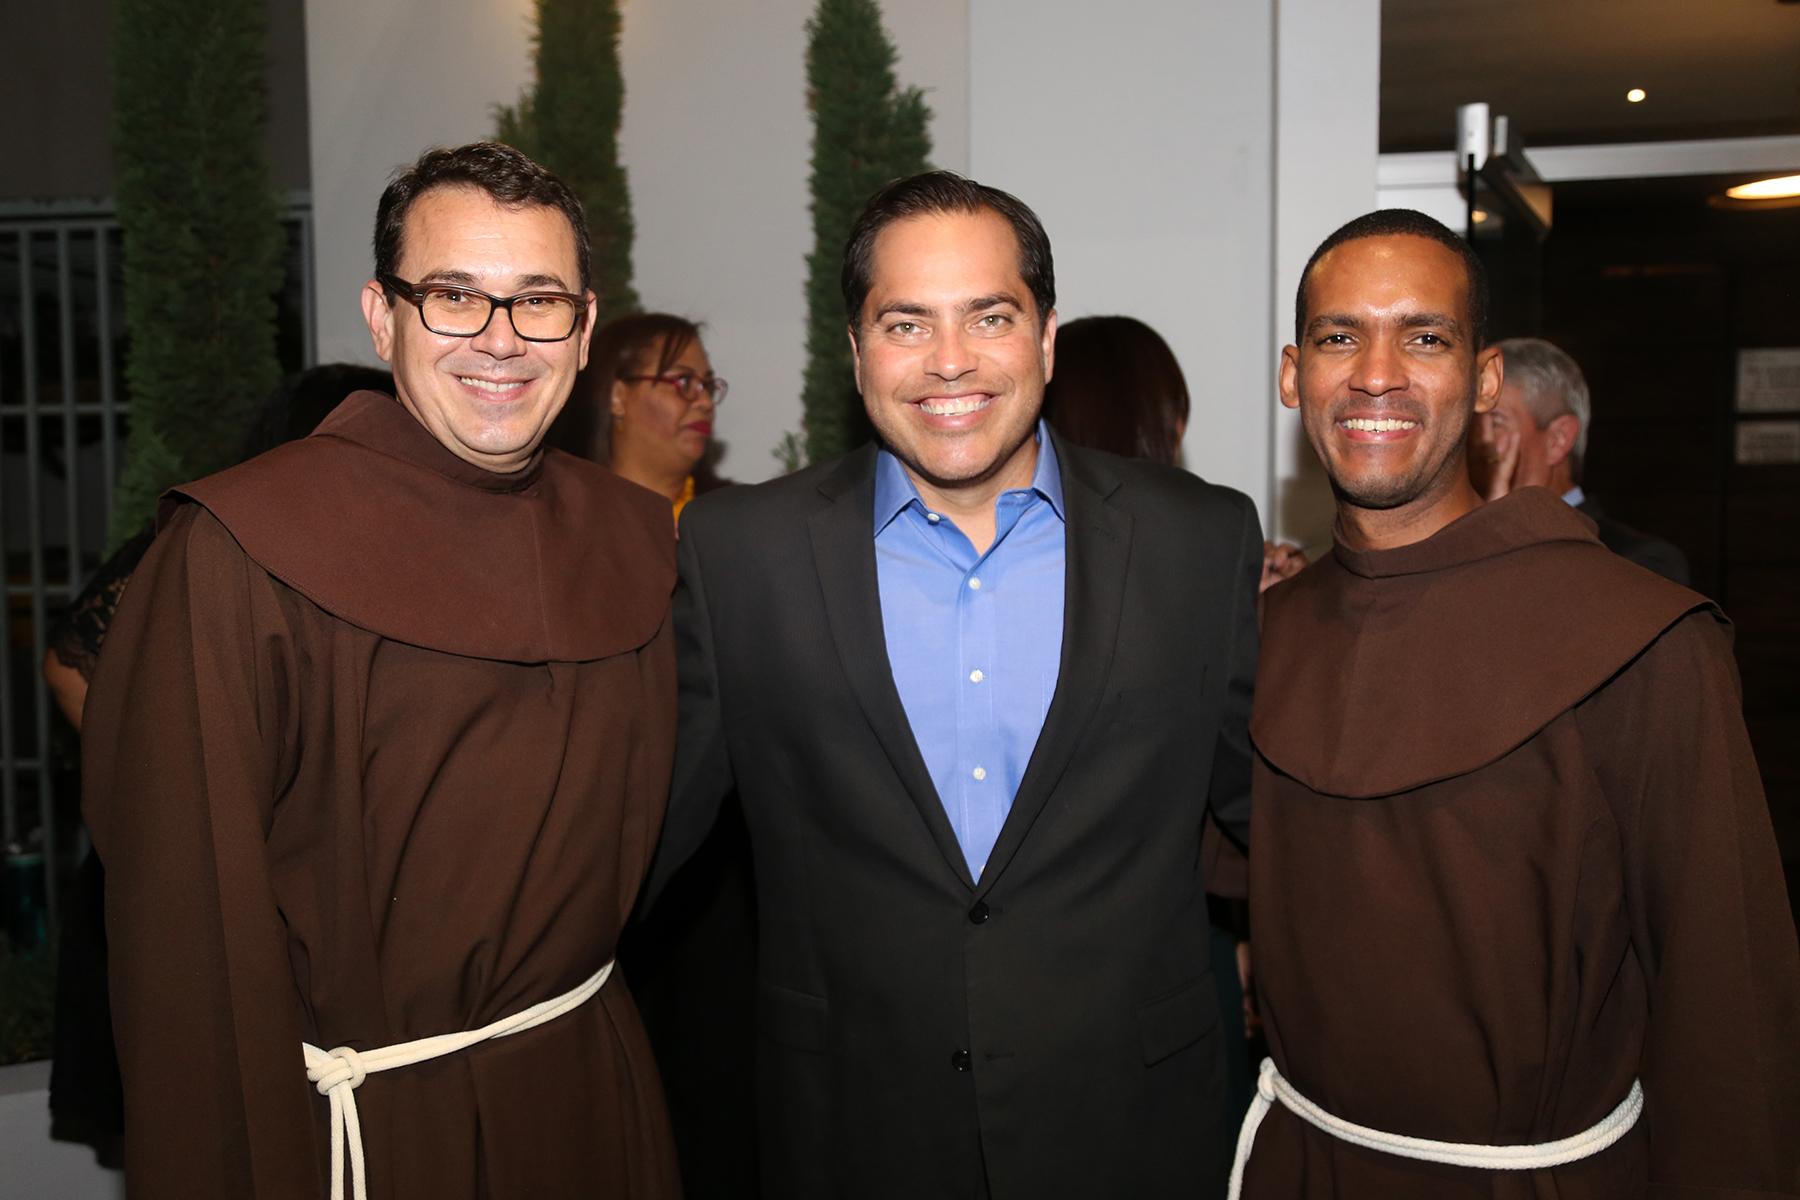 Fray Eddie Caro, José Falcón y Fray Fandry Sossa. (Foto: Nichole Saldarriaga)